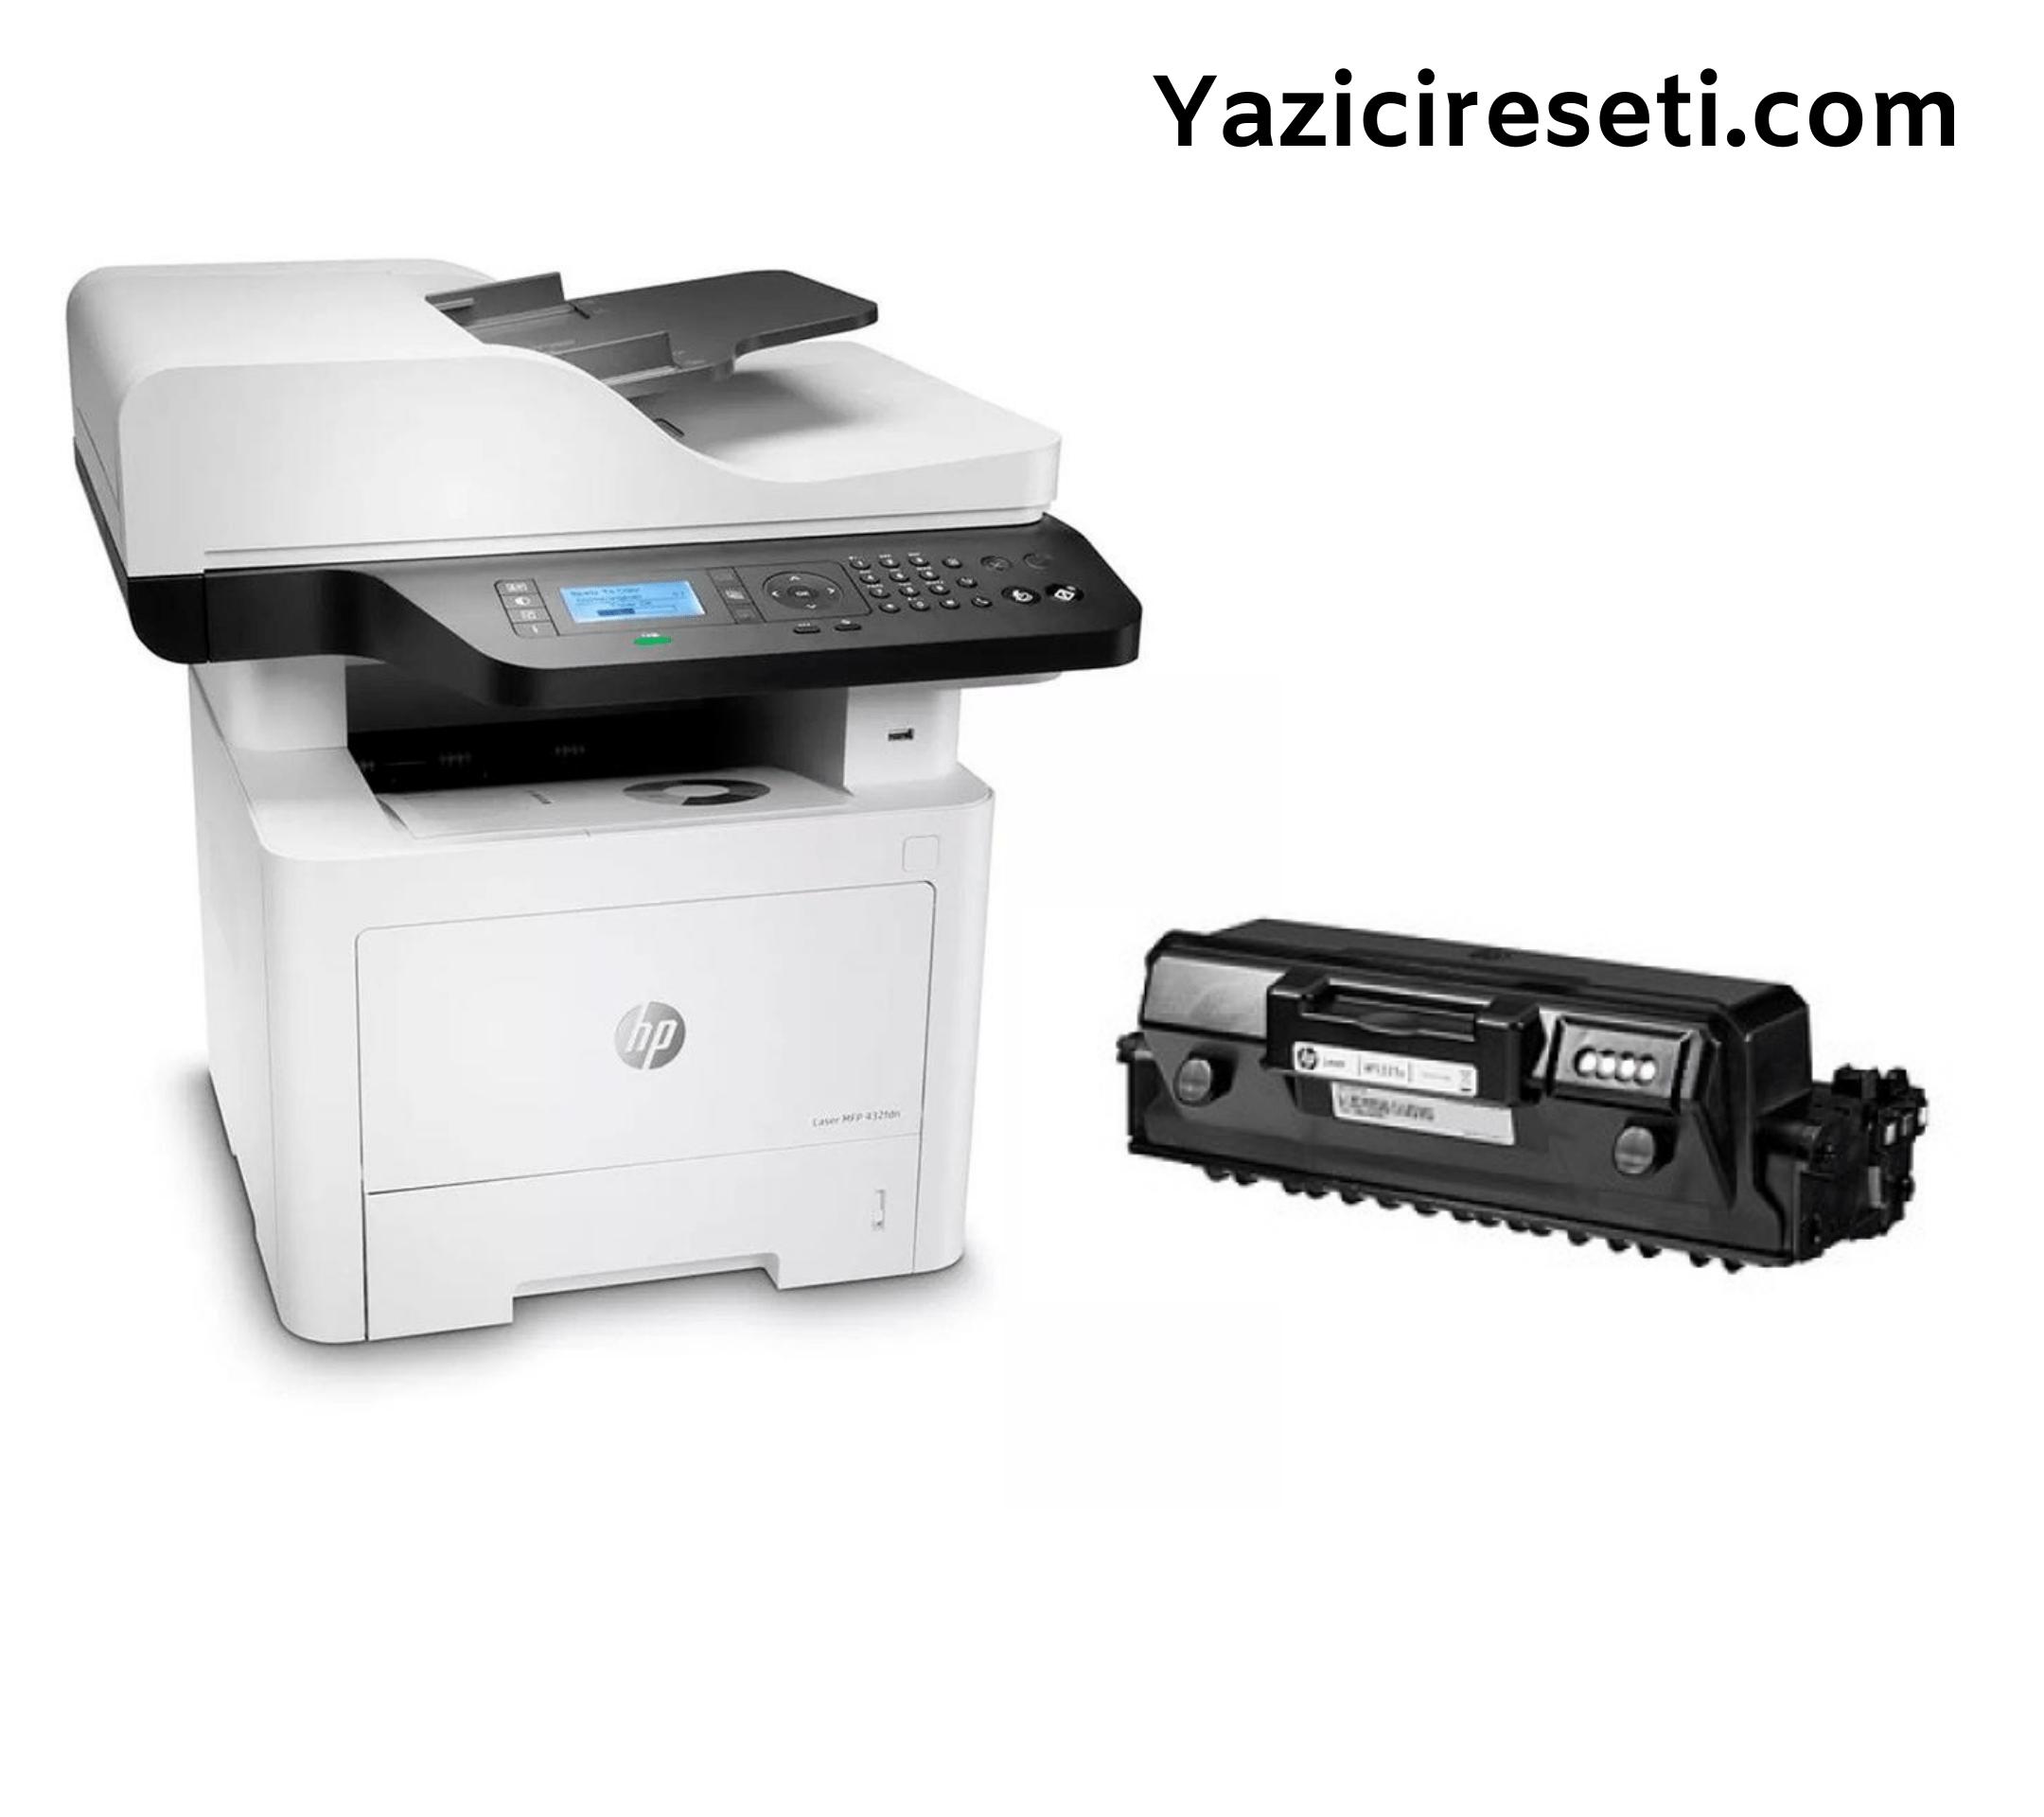 HP Laser MFP 432fdn Yazıcı Resetleme